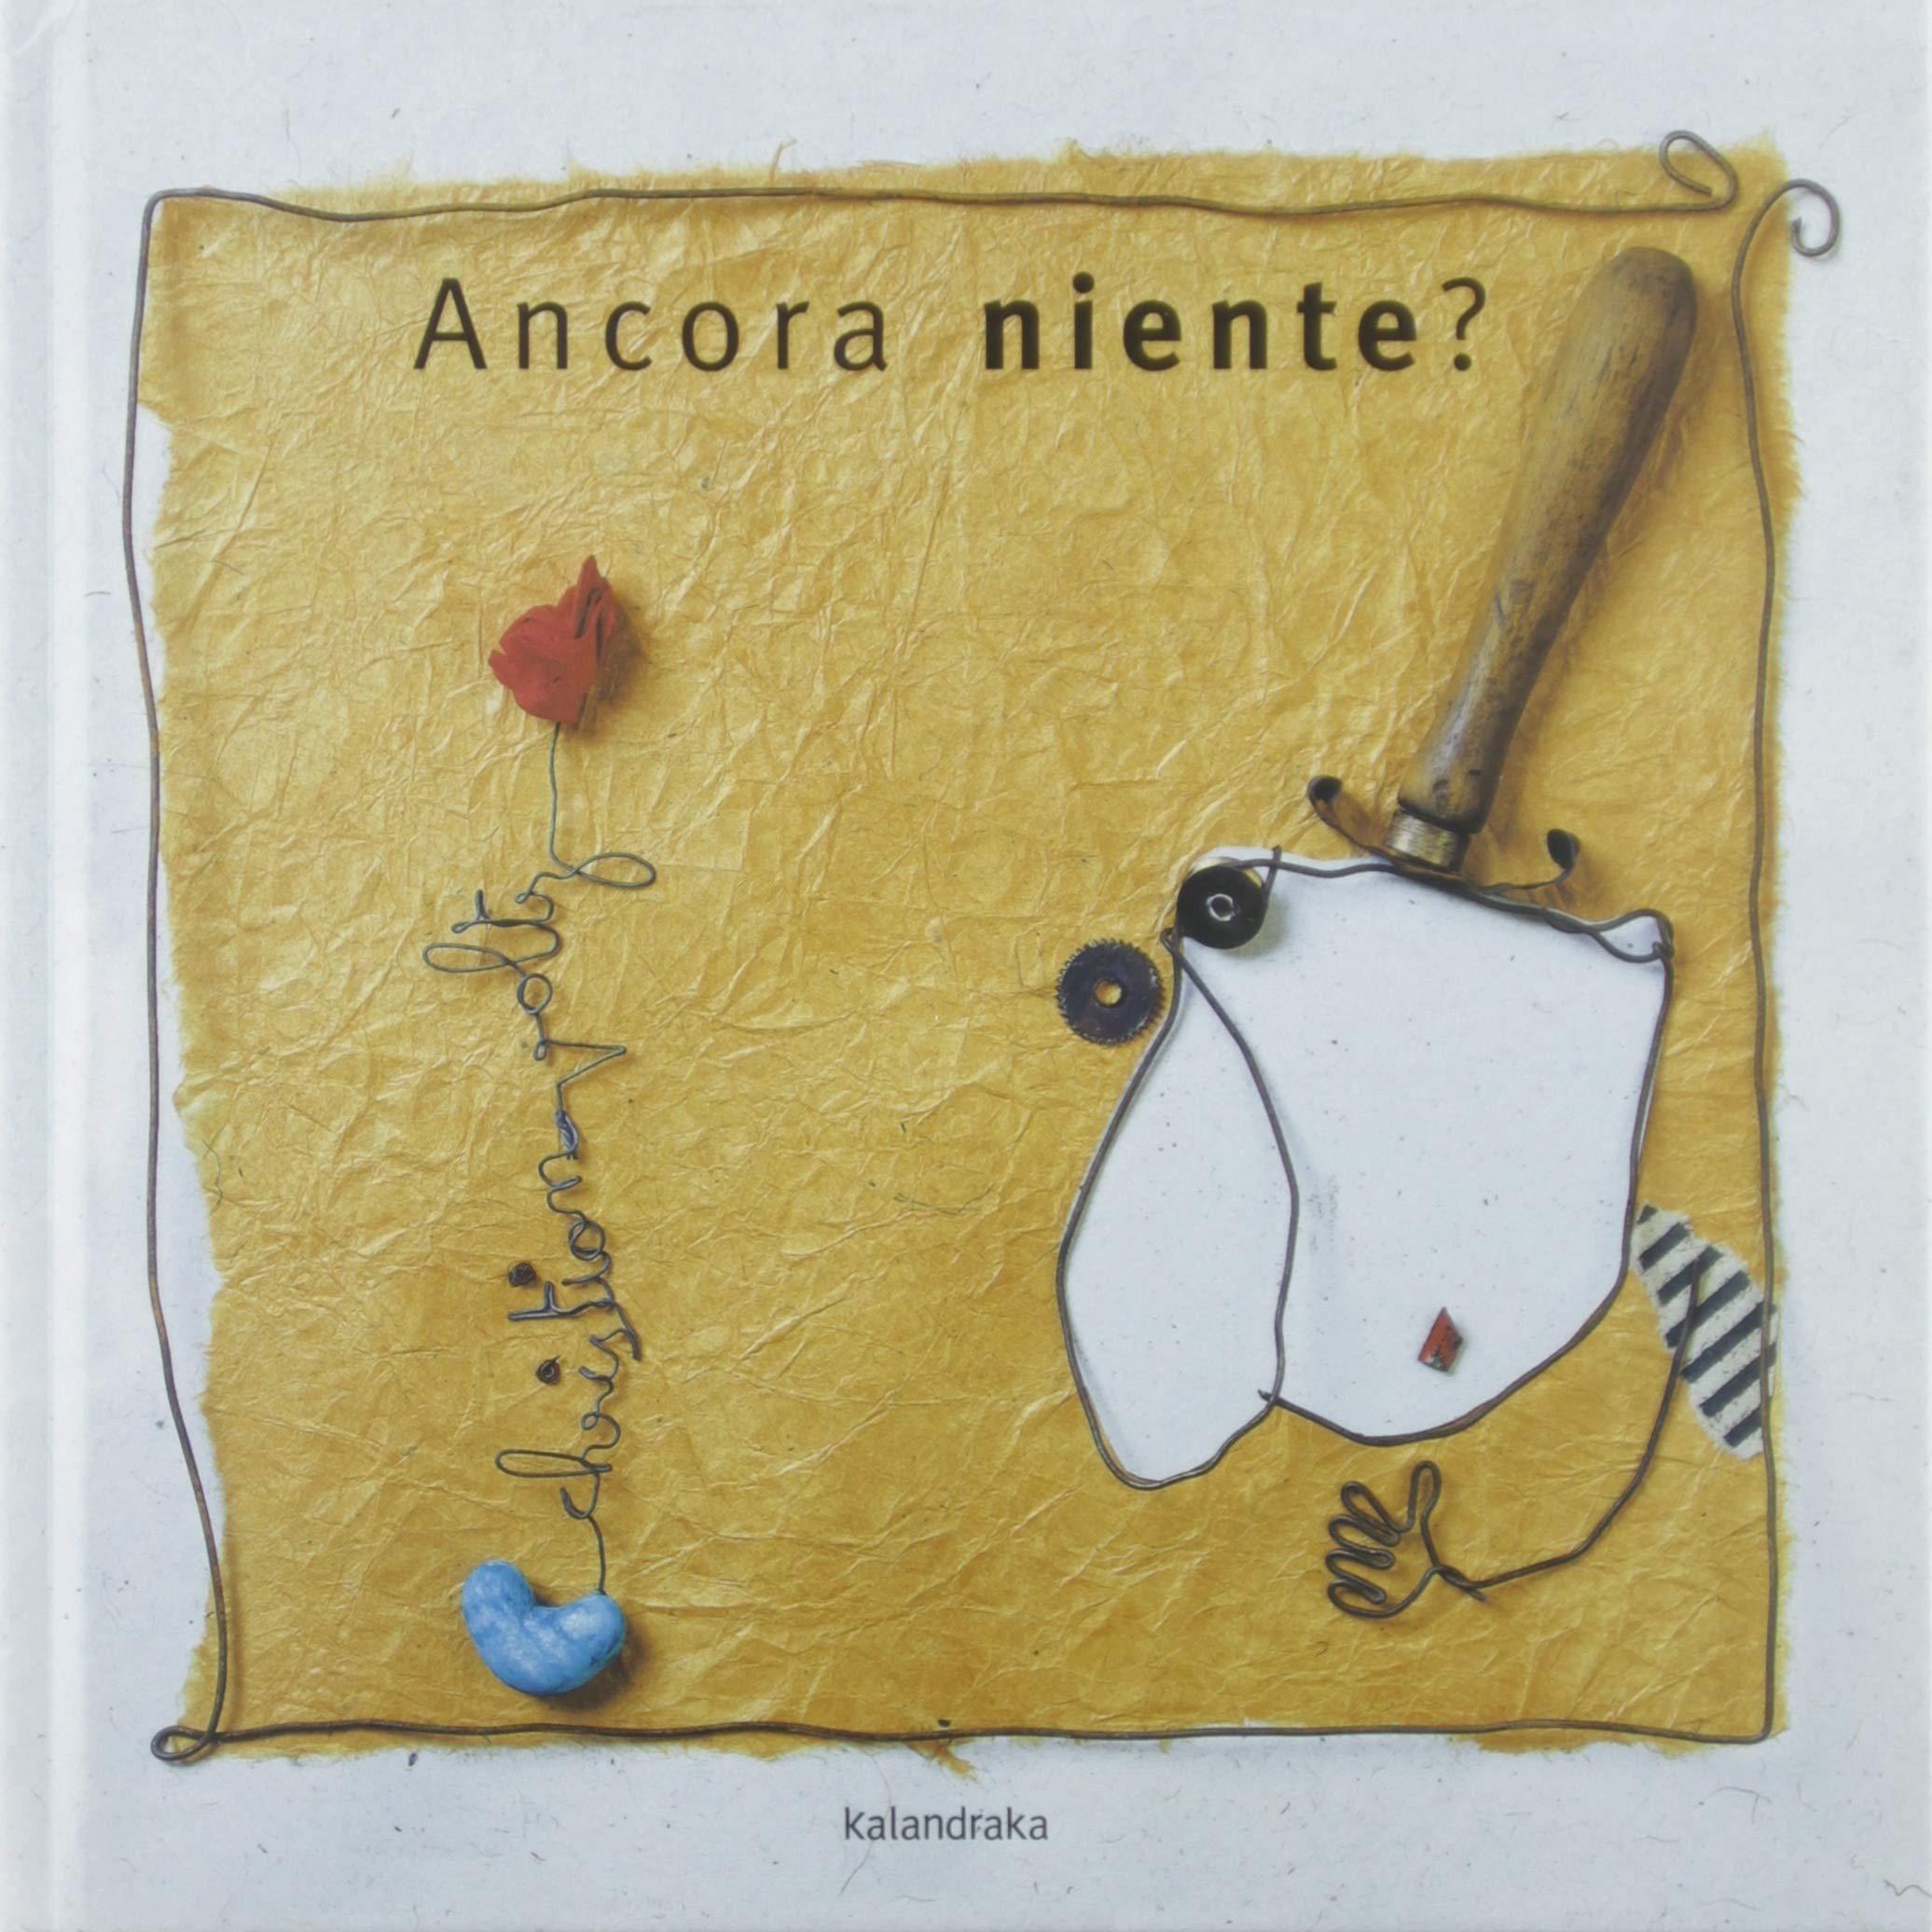 Amazon.it: Ancora niente? Ediz. a colori - Voltz, Christian, Bono, M. - Libri